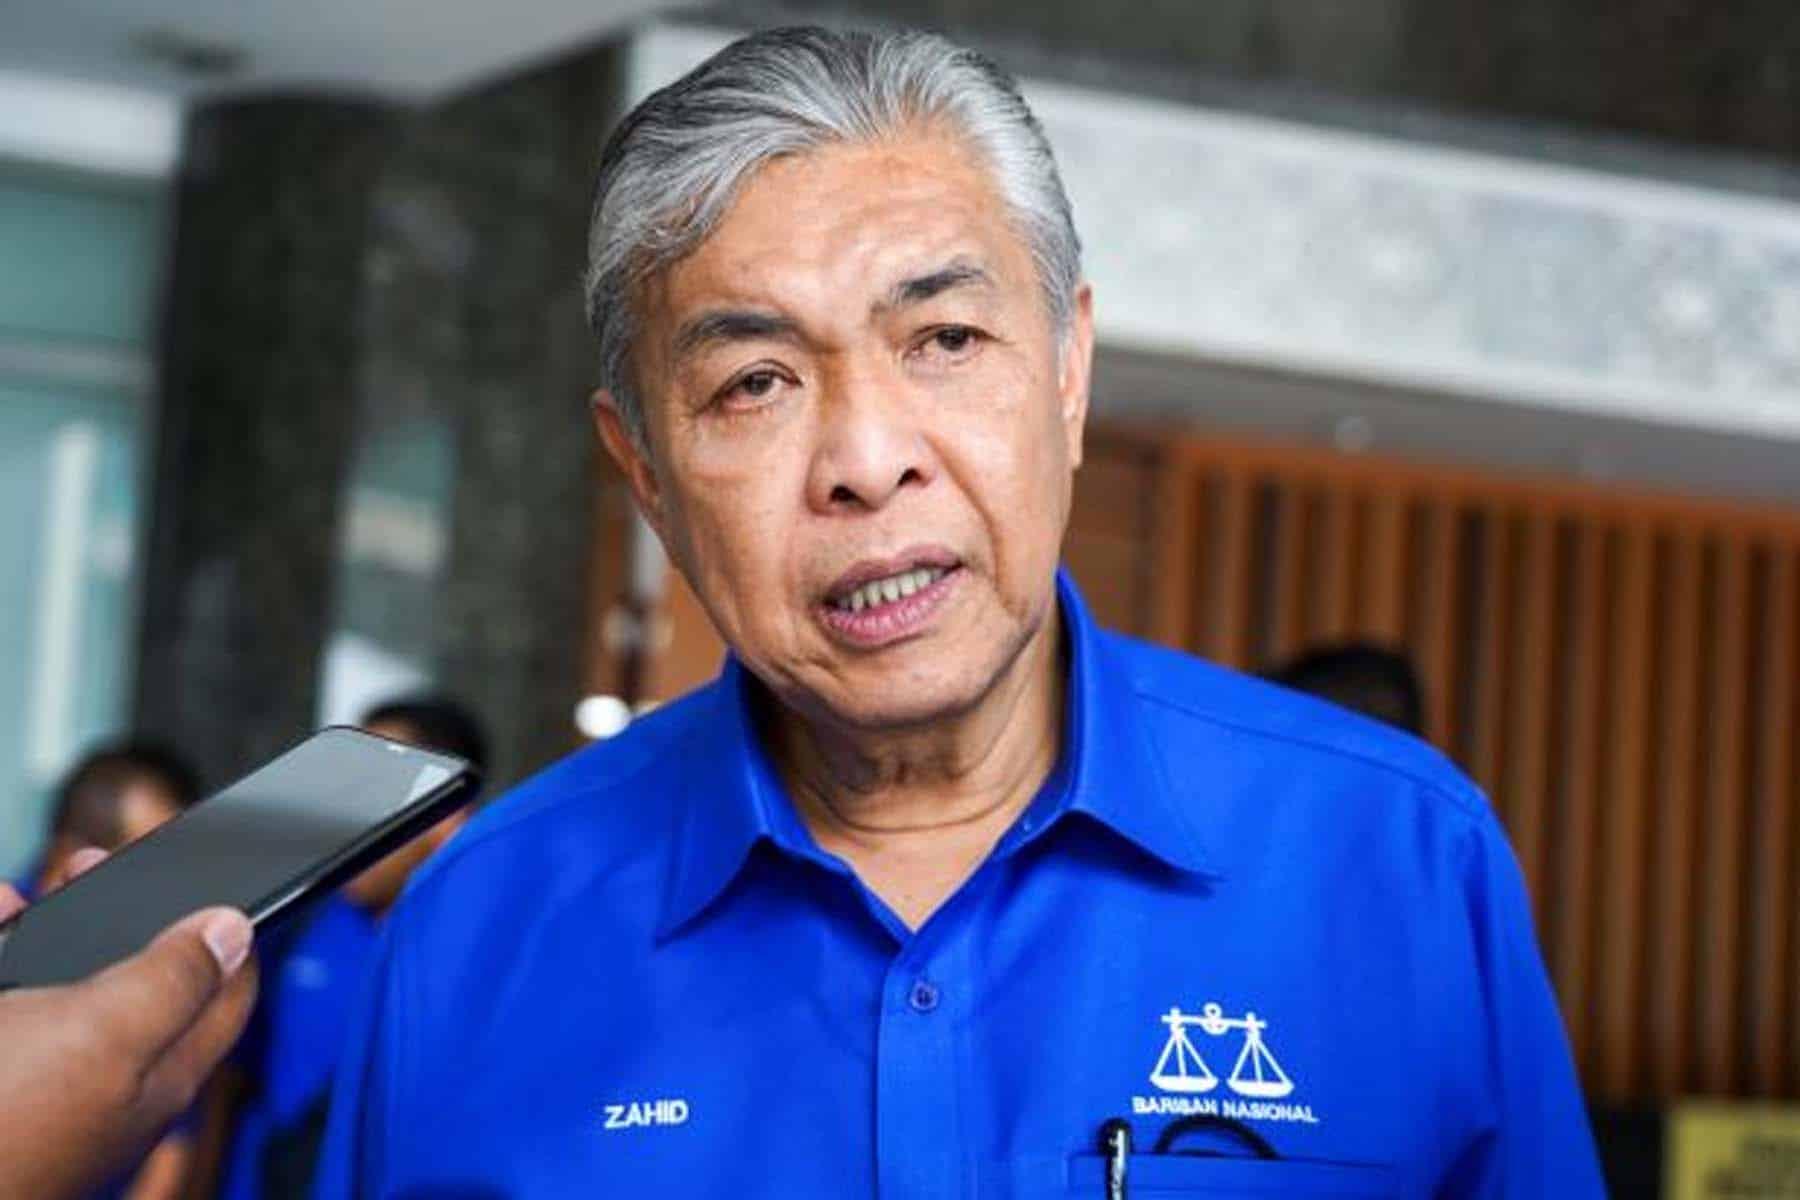 Gempar!!! Surat terbuka akar umbi Umno kepada Ismail Sabri jangan 'lebih sudu dari kuah'